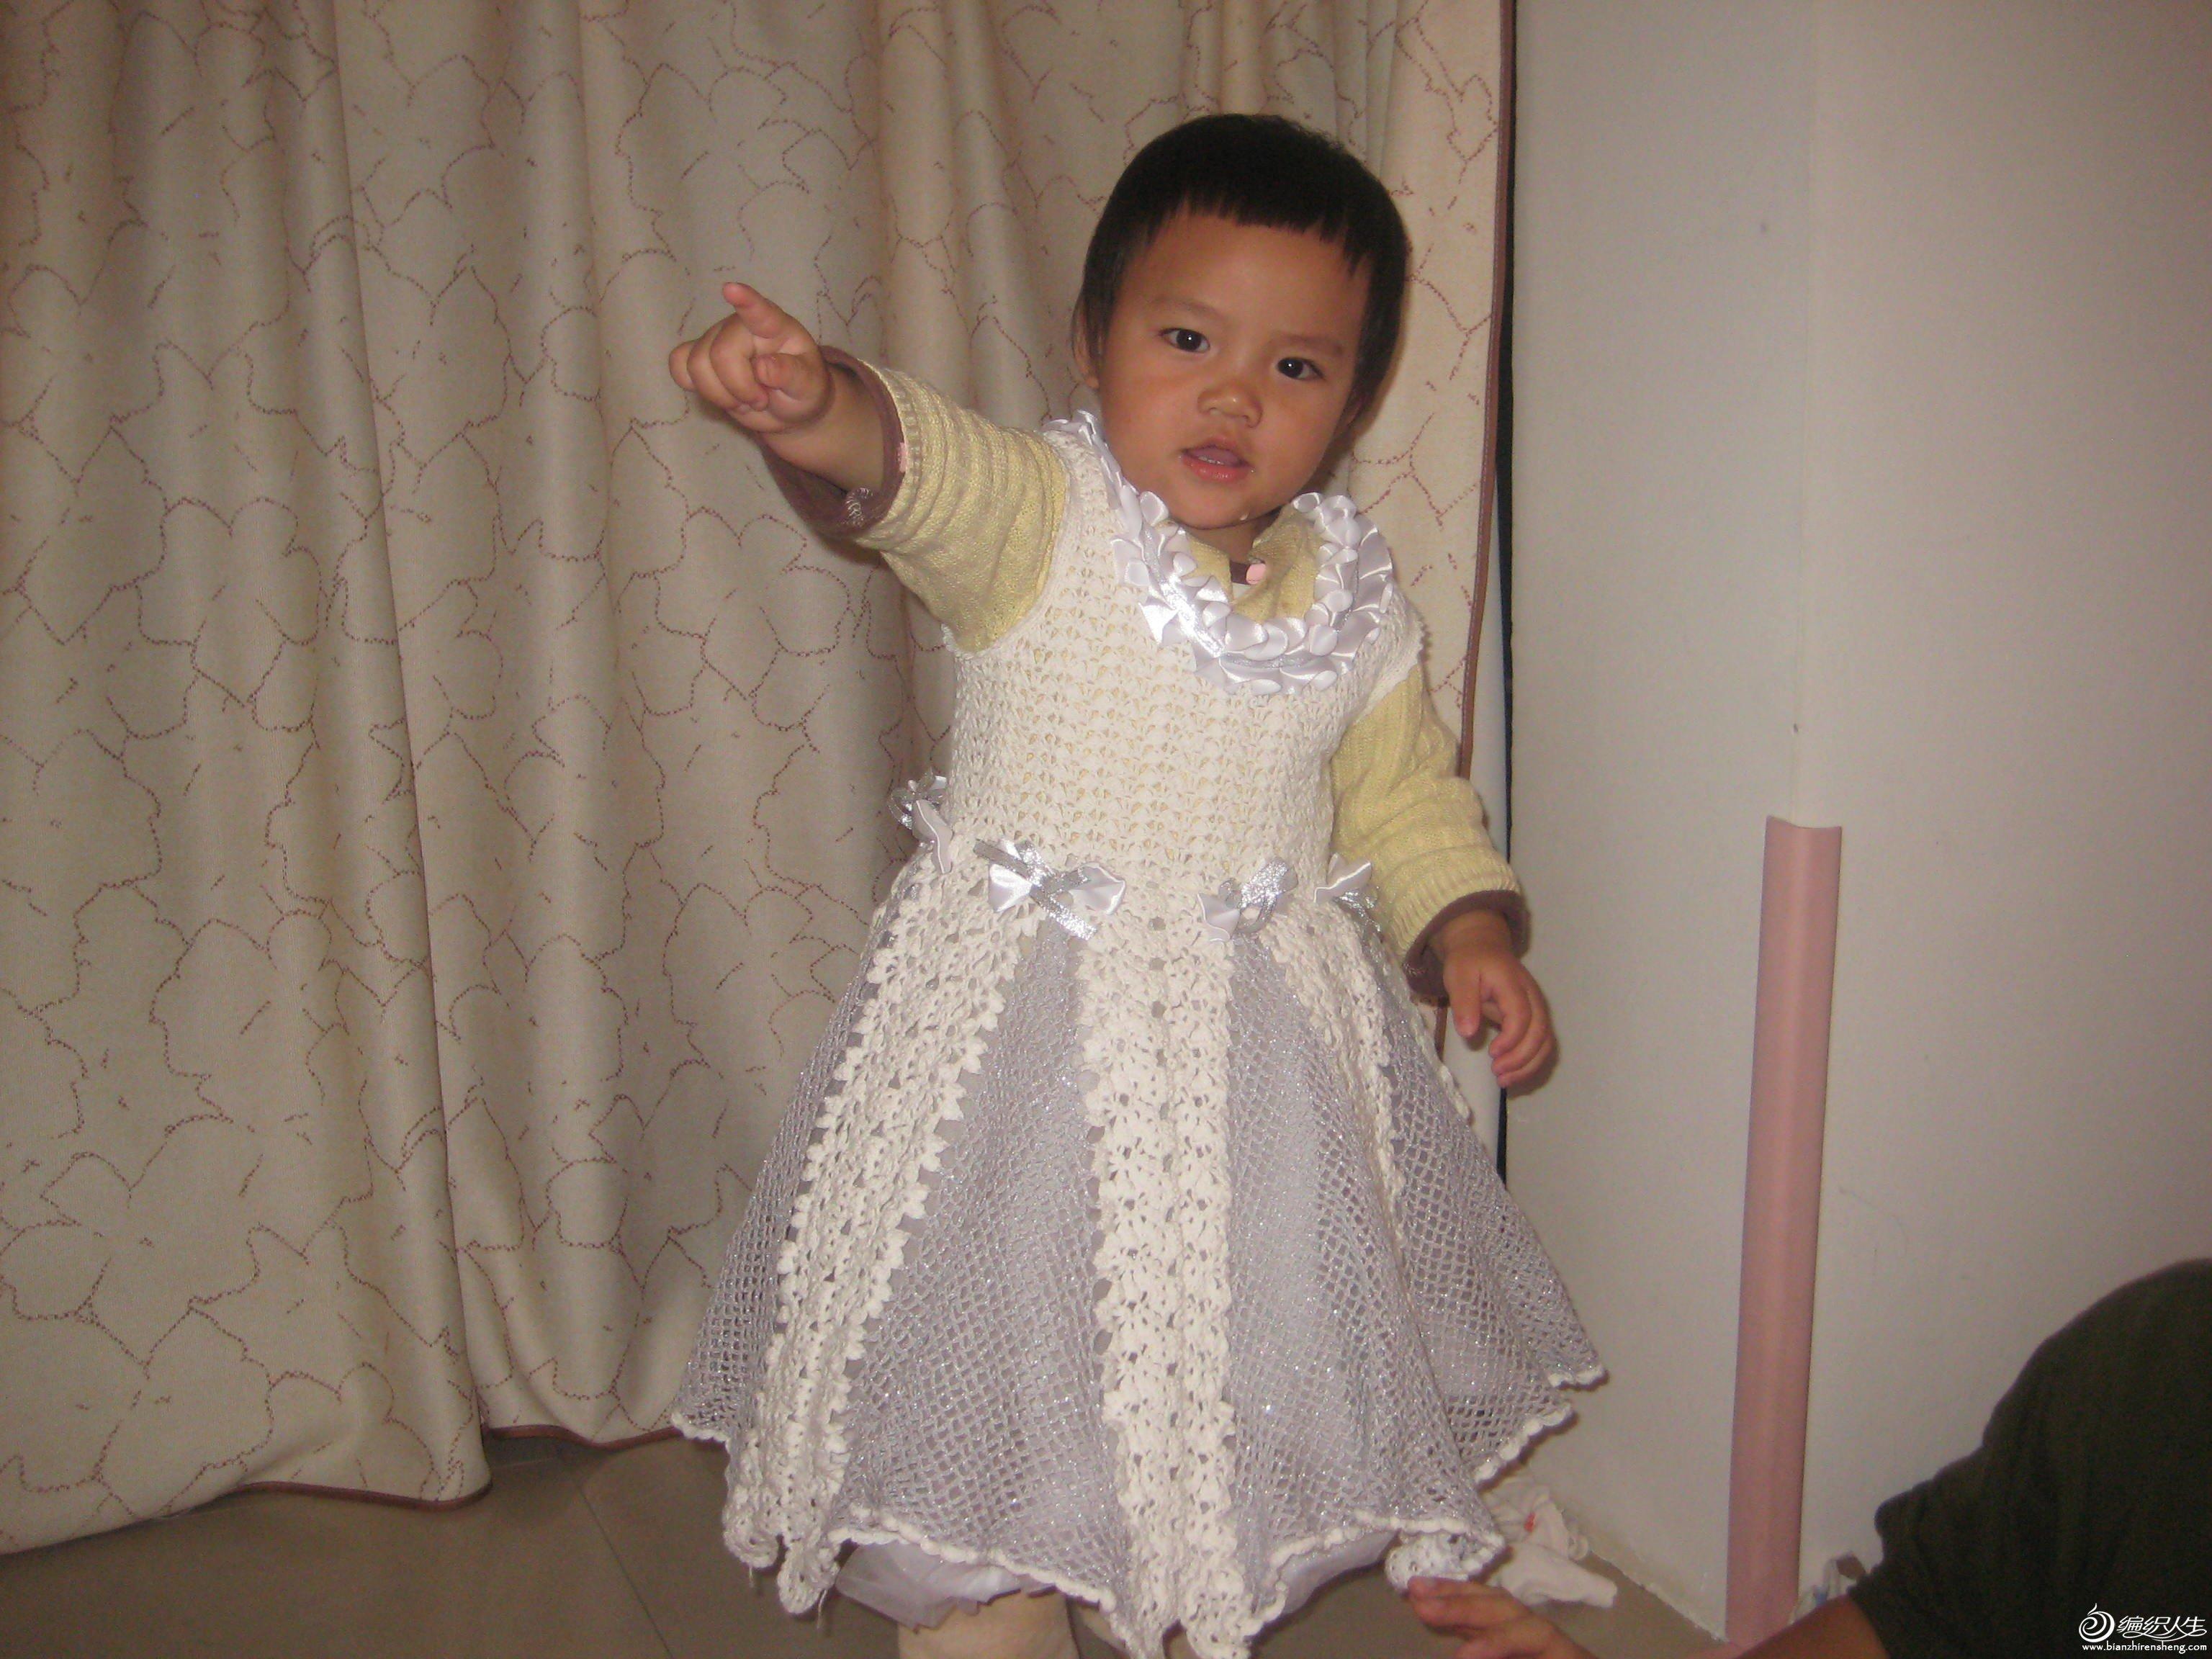 还当心裙子不够泡,没想到上身后效果更好,泡泡的裙子,真是可爱级了